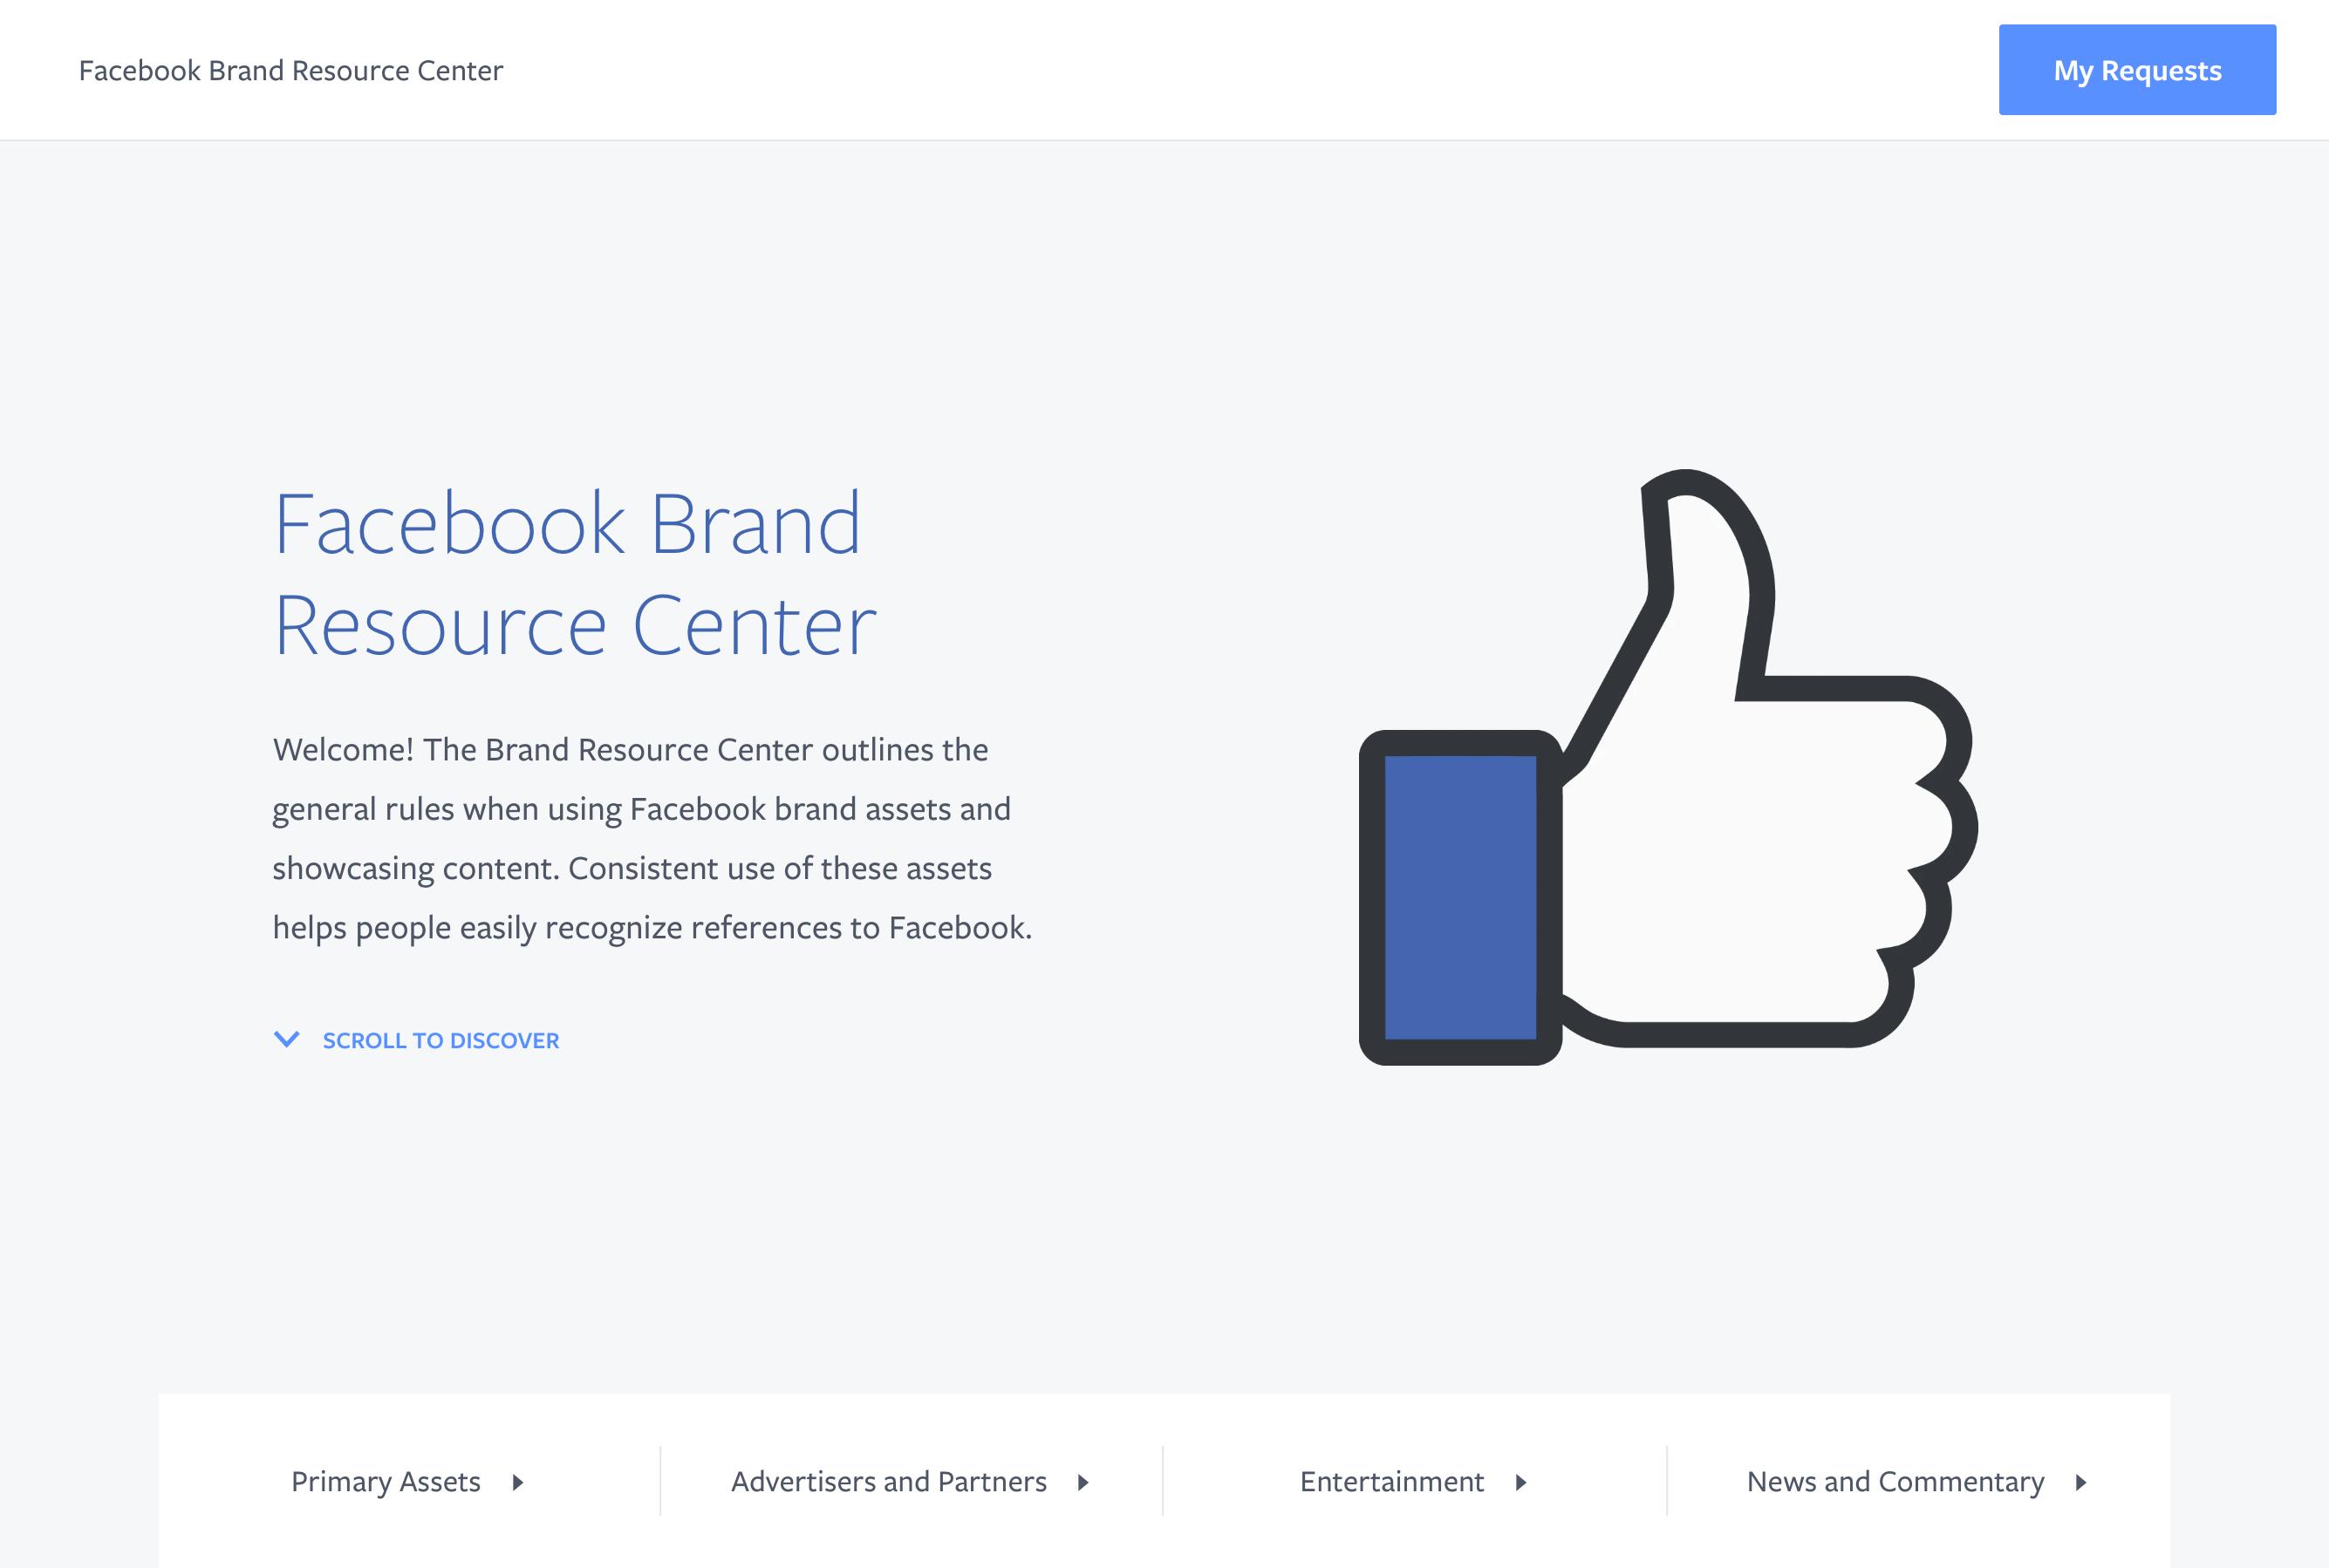 Facebook Brand Resource